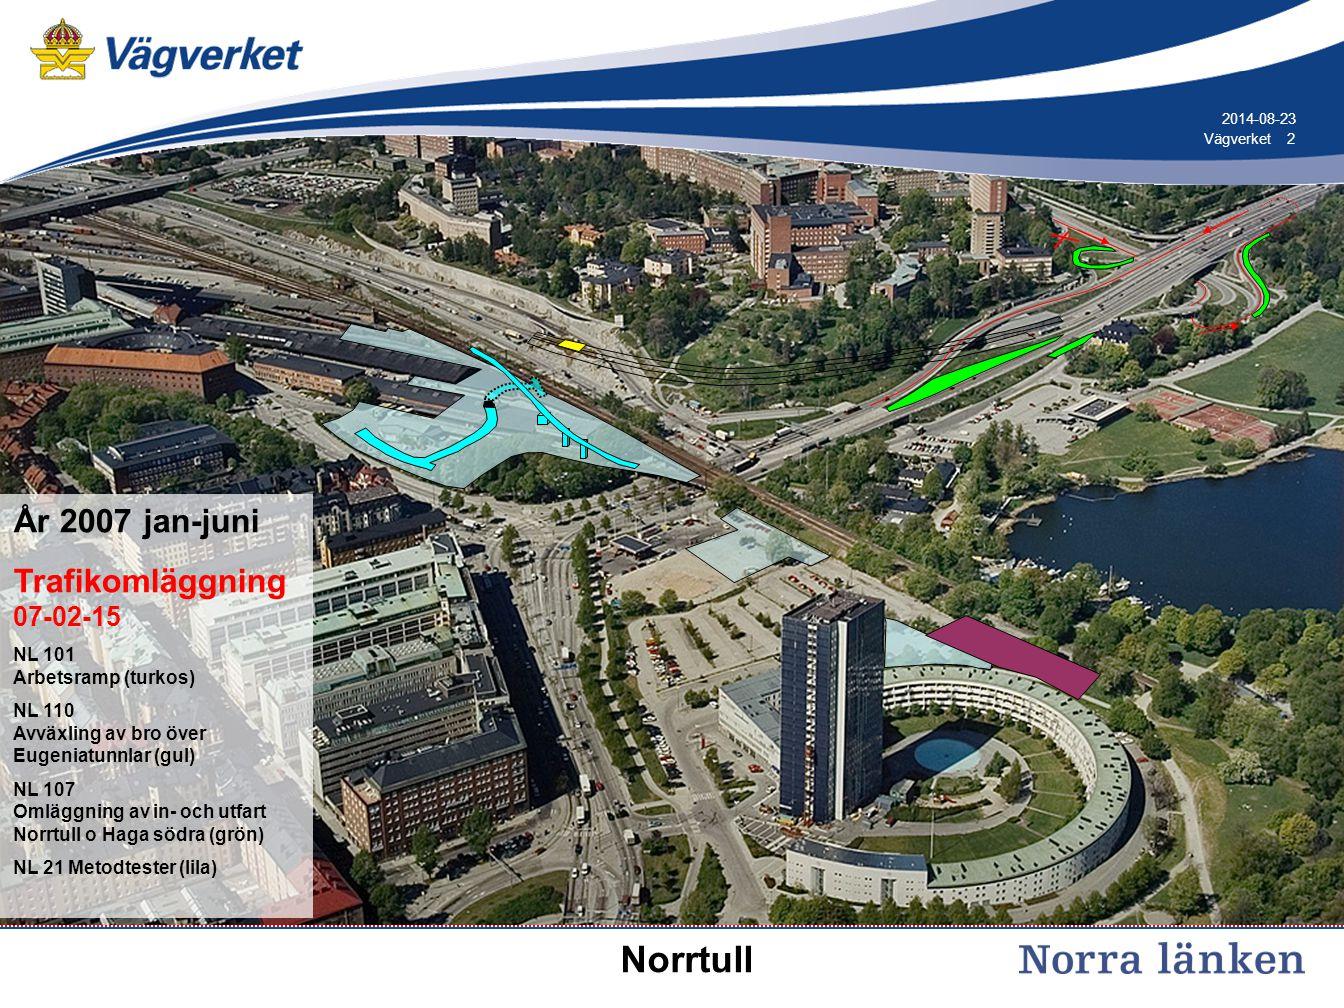 2 2Vägverket 2014-08-23 År 2007 jan-juni Trafikomläggning 07-02-15 NL 101 Arbetsramp (turkos) NL 110 Avväxling av bro över Eugeniatunnlar (gul) NL 107